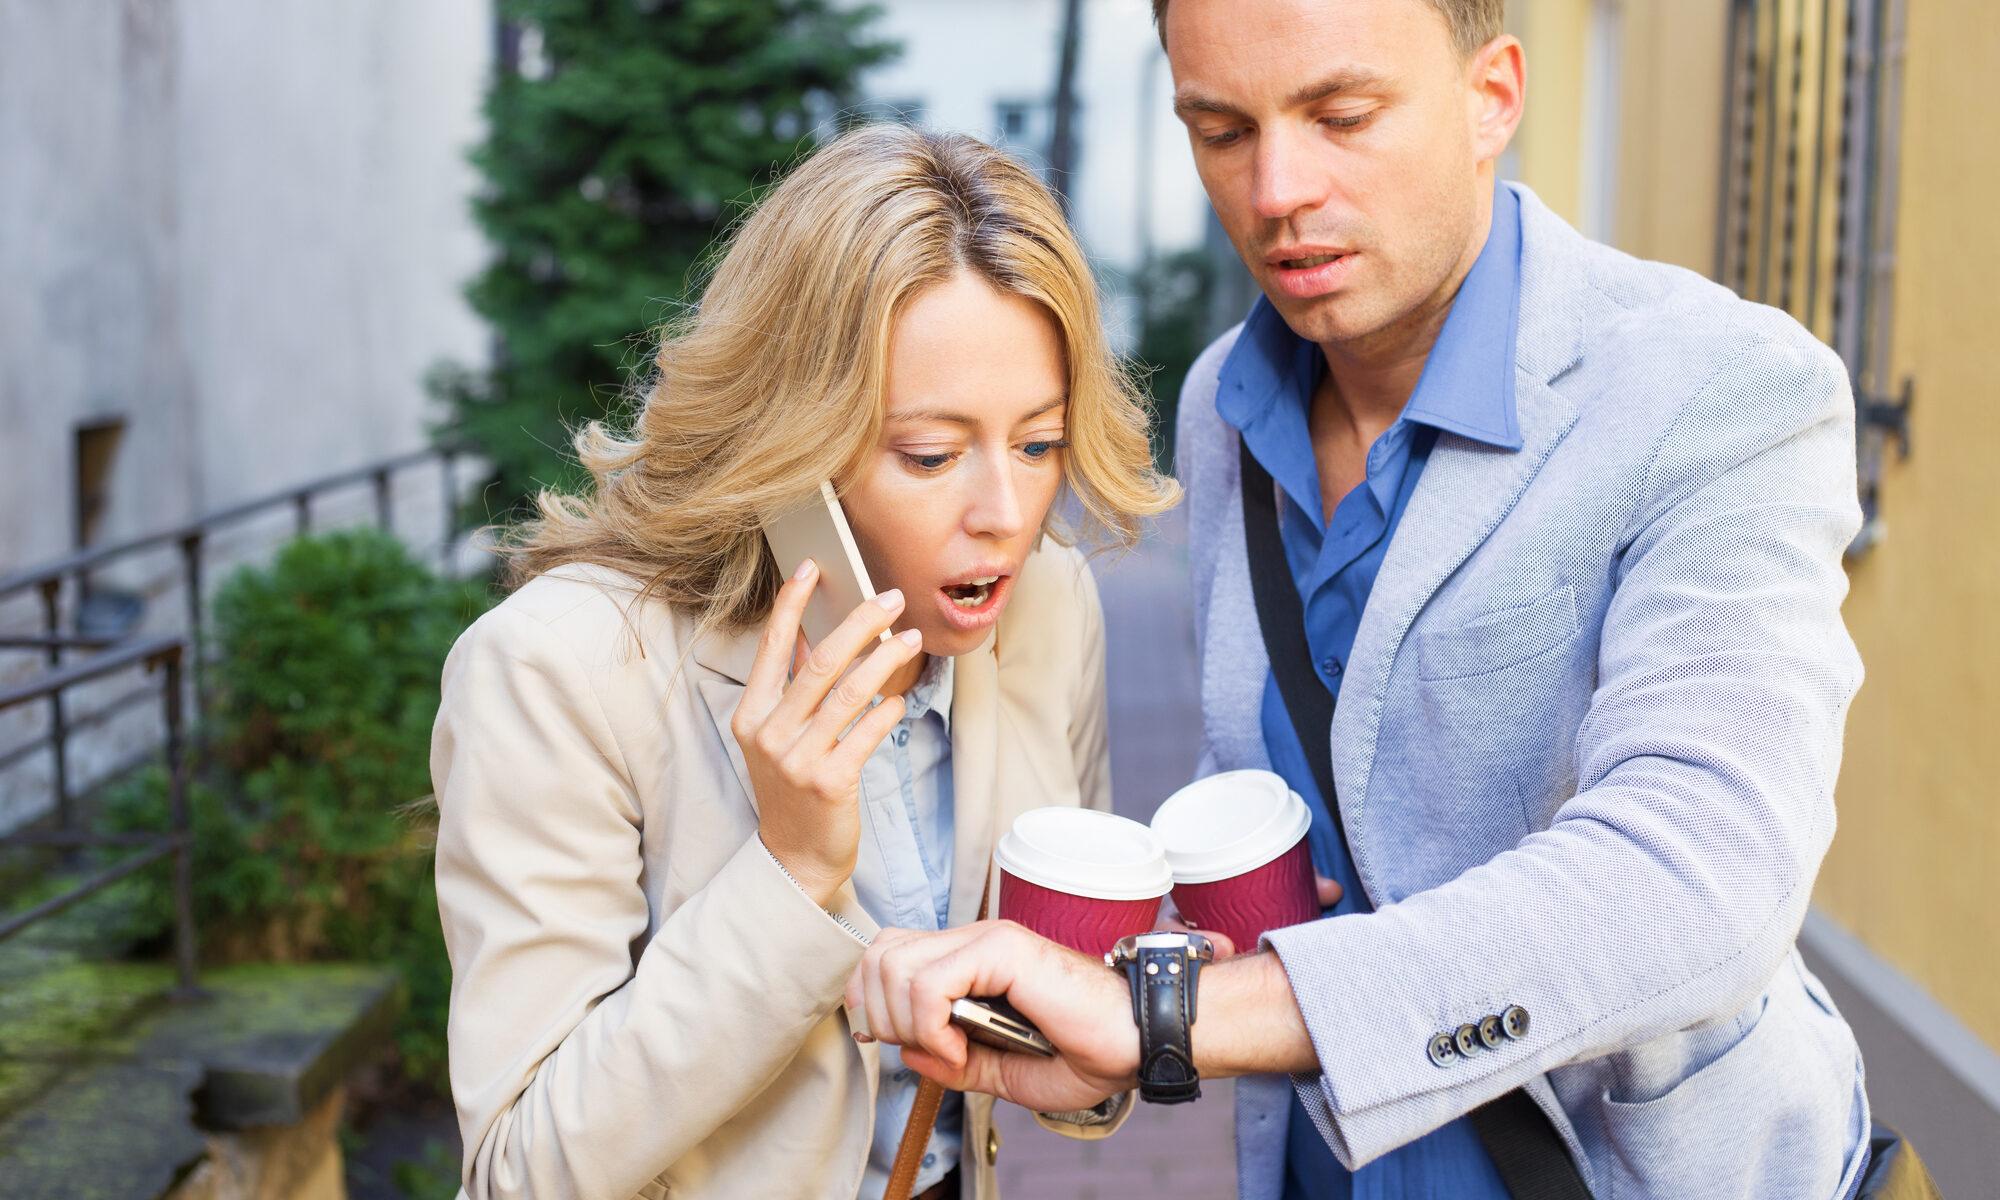 Mann und Frau gestresst mit Handy und Coffe-to-go in der Hand